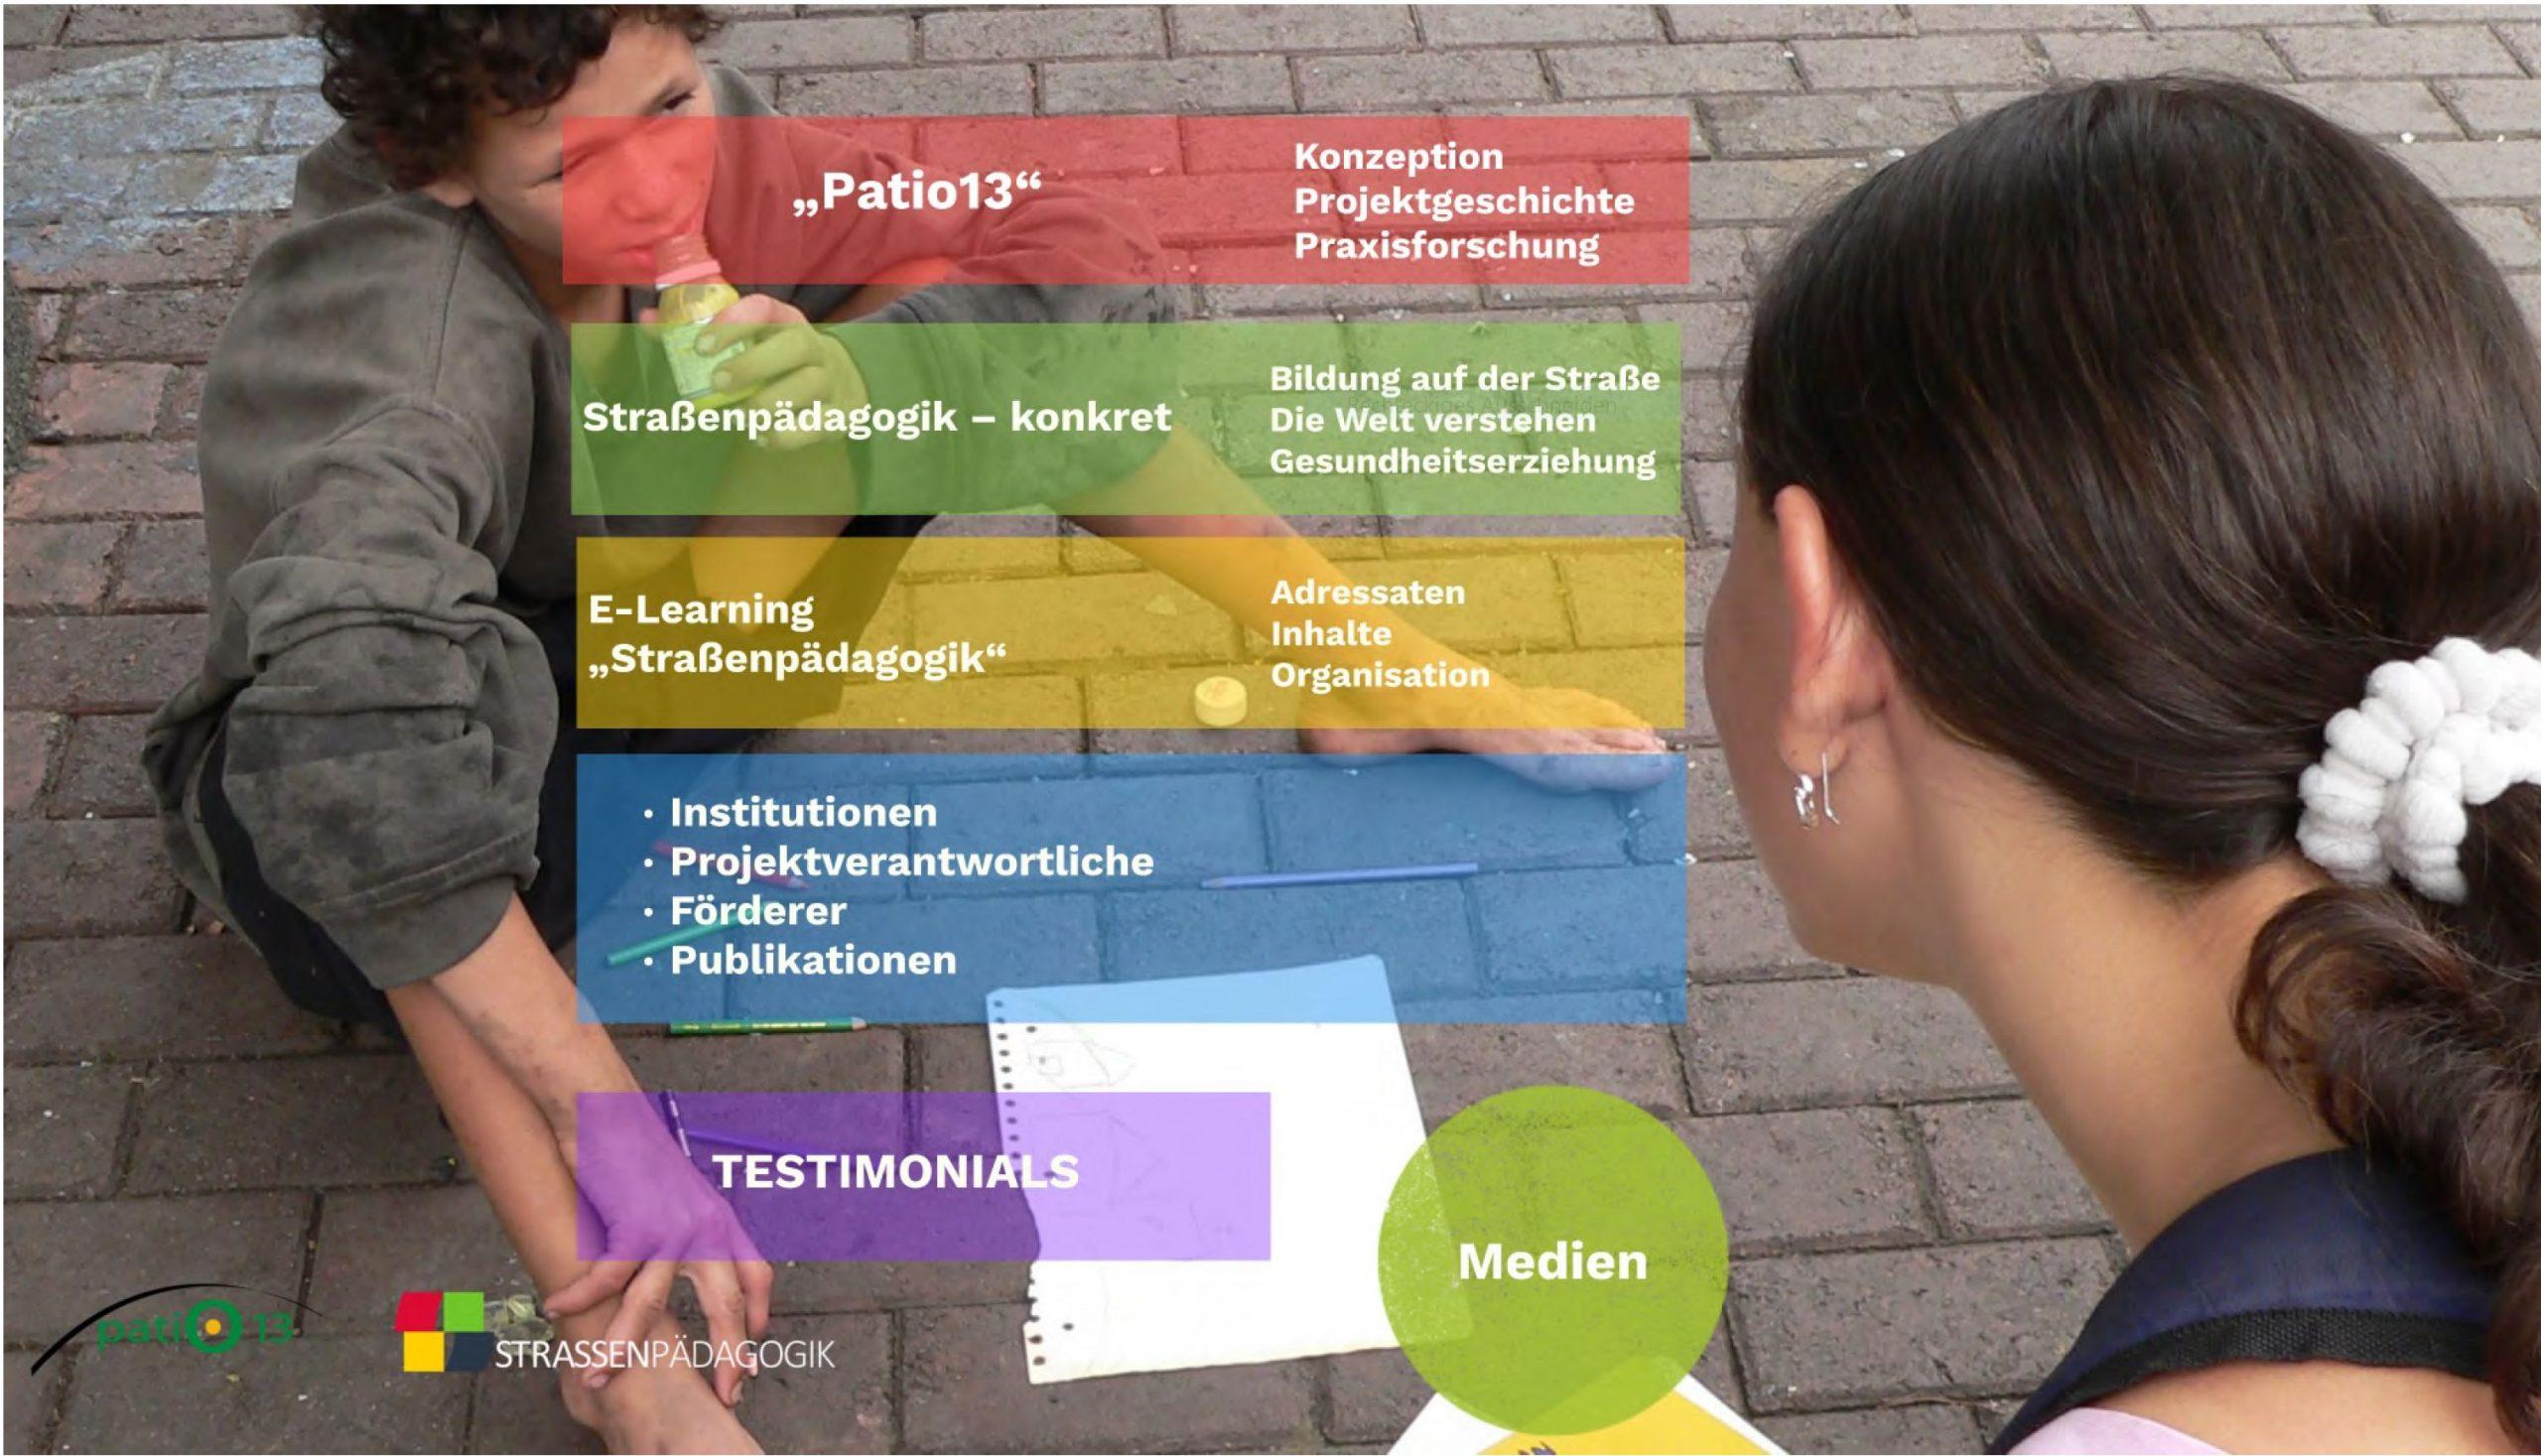 """Das E-Learning-Programm """"Straßenpädagogik"""" ist ein Produkt des internationalen Bildungsprojekts """"Patio13 – Schule für Straßenkinder"""". Über den folgenden Link können Sie mehr erfahren über Ansatz, Konzeption und Geschichte von Patio13."""